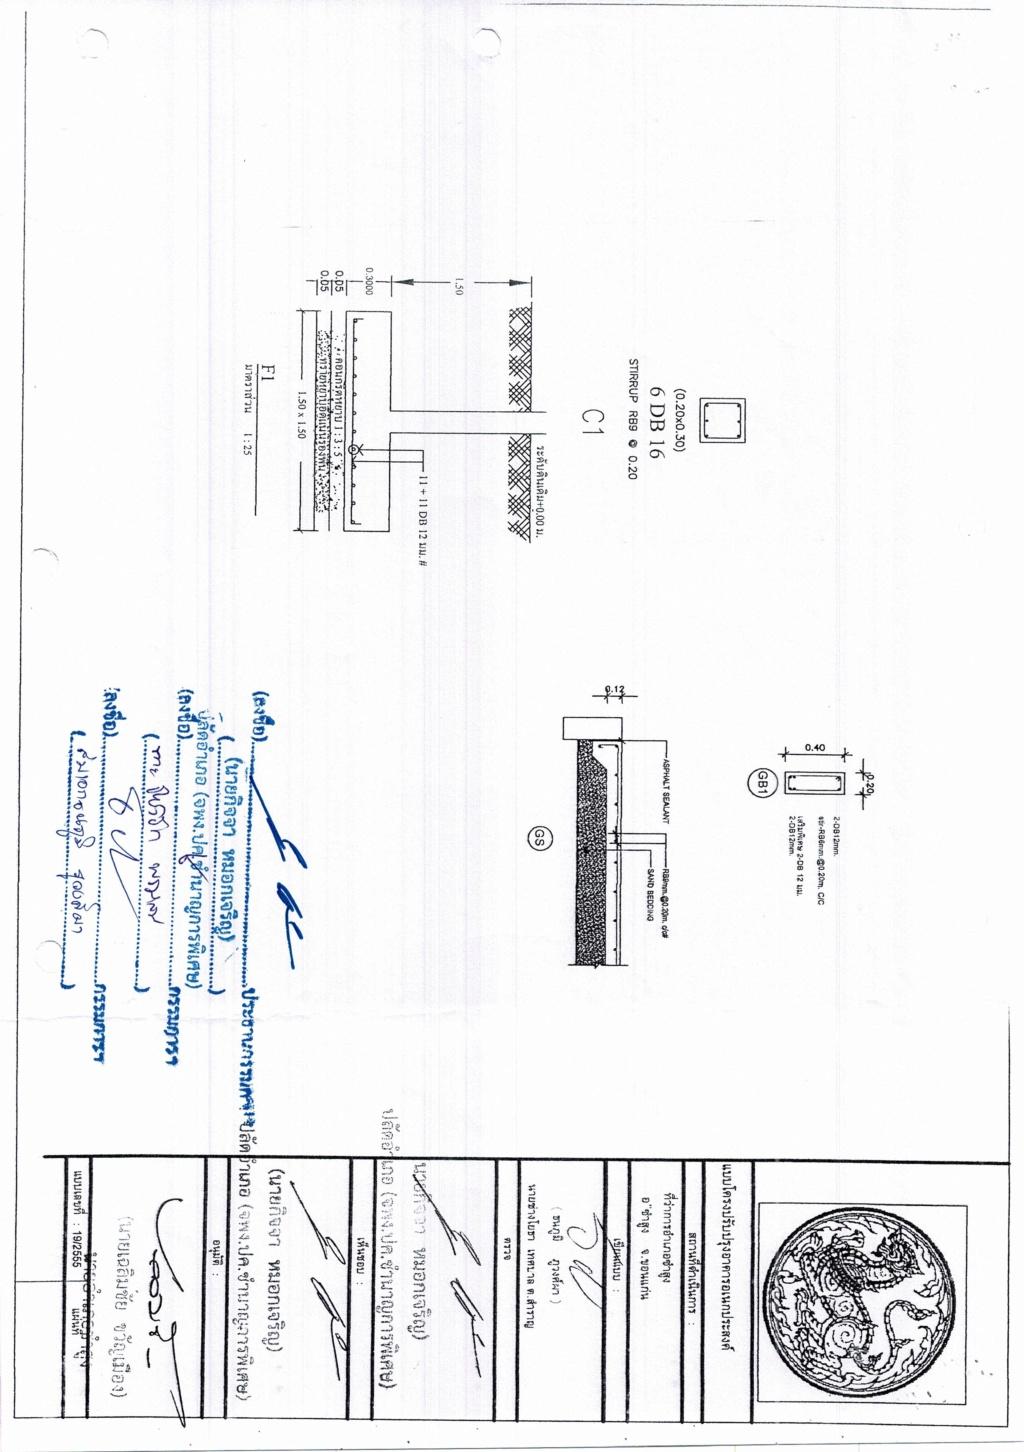 โครงการปรับปรุงอาคารหอประชุม อำเภอซำสูง จังหวัดขอนแก่น ประจำปีงบประมาณ 2563   Cci_0026